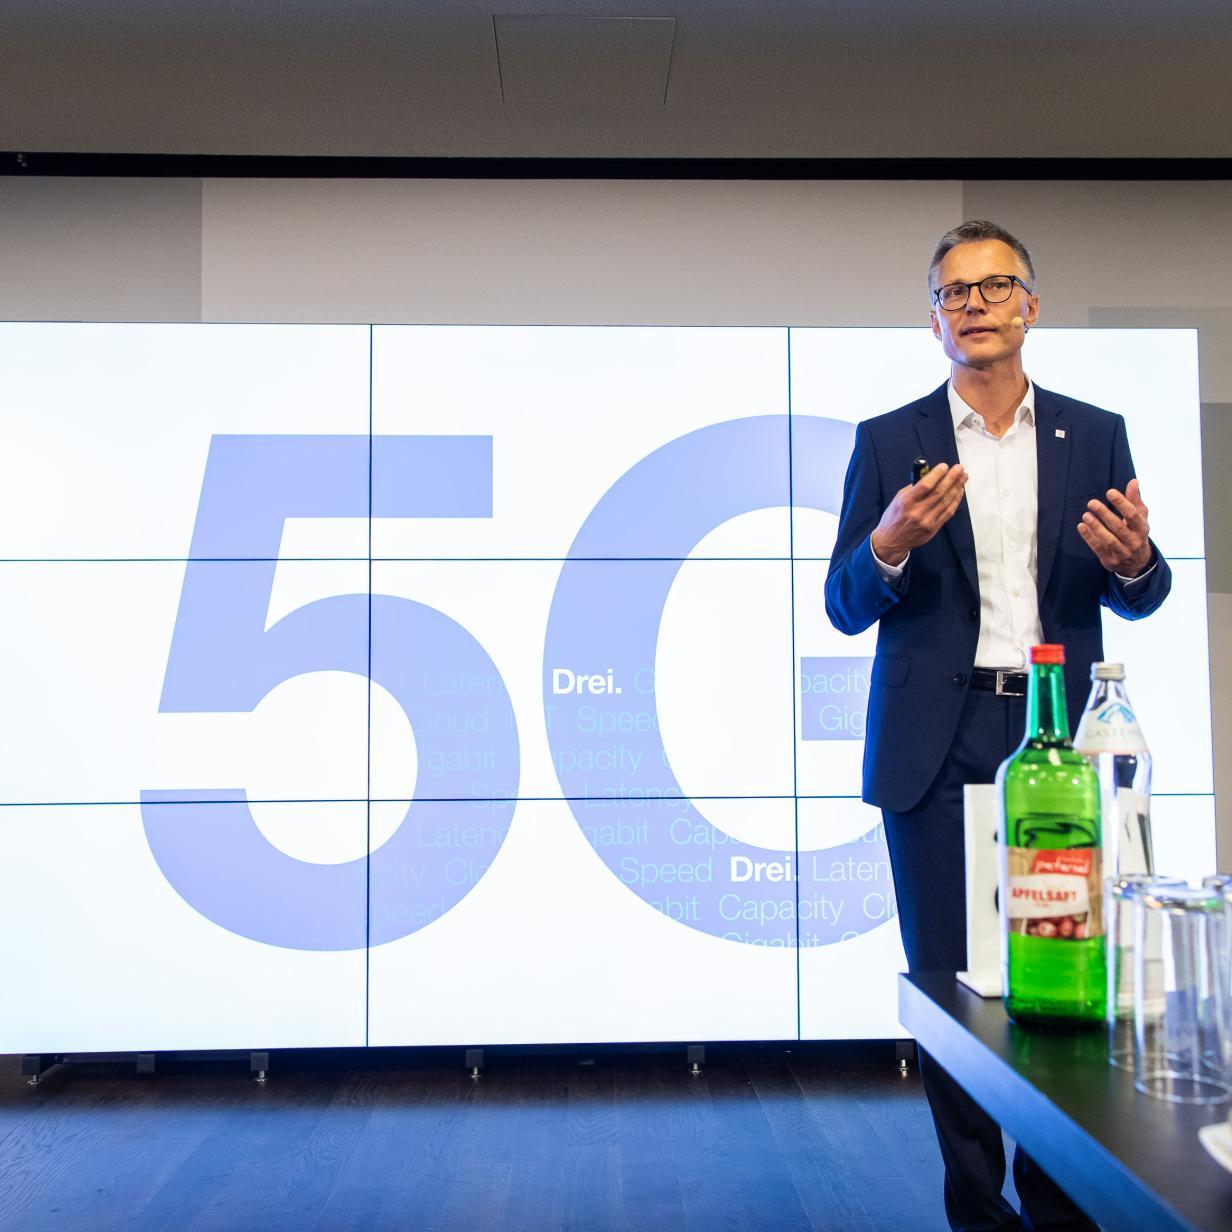 Drei startet 5G-Netz in Linz